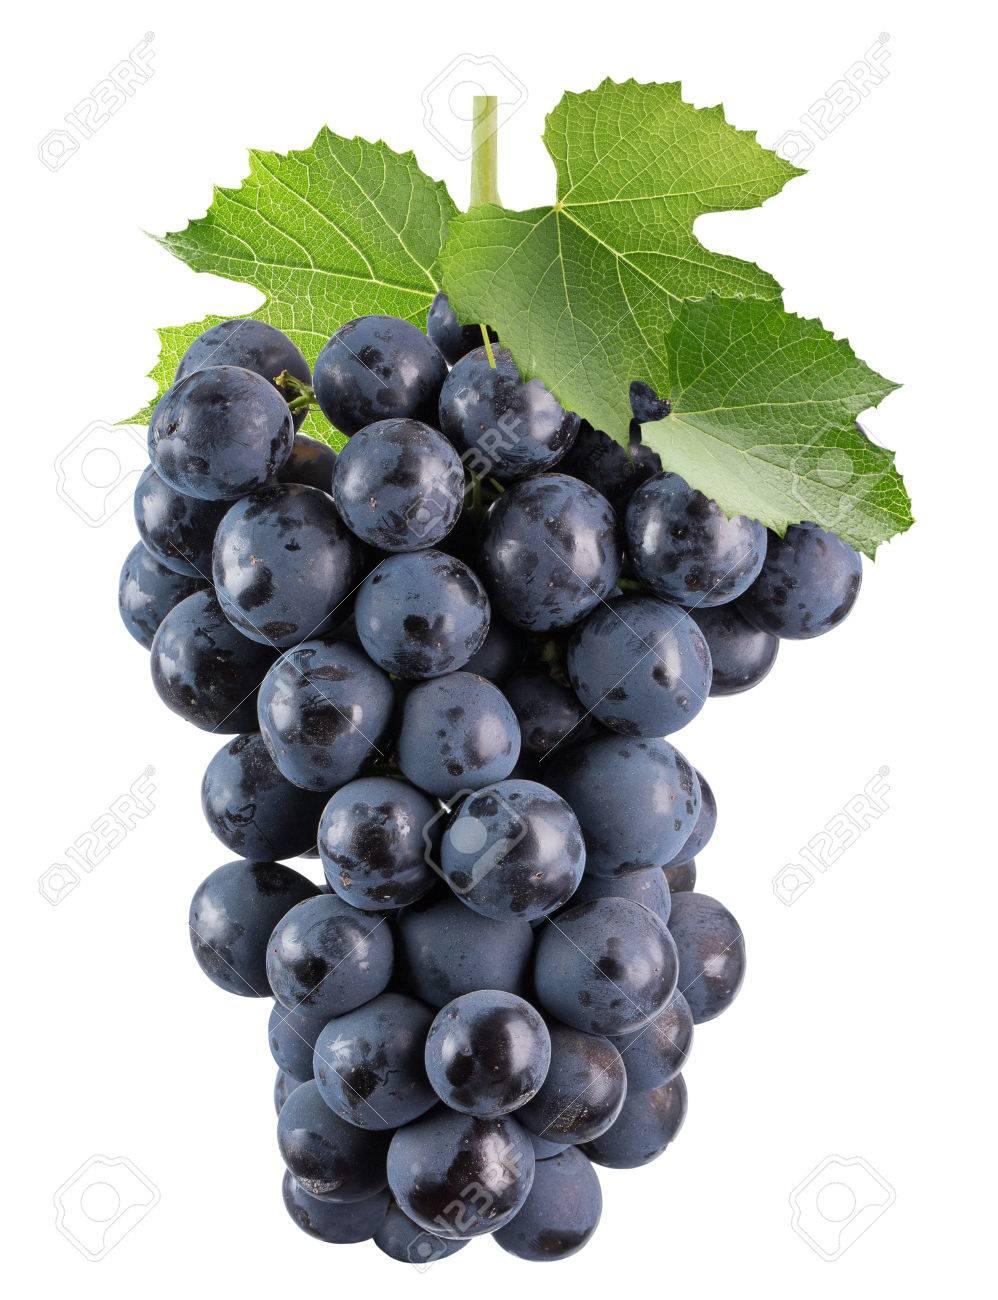 Paarse Druiven Geisoleerd Op De Witte Achtergrond Royalty Vrije Foto Plaatjes Beelden En Stock Fotografie Image 62162352